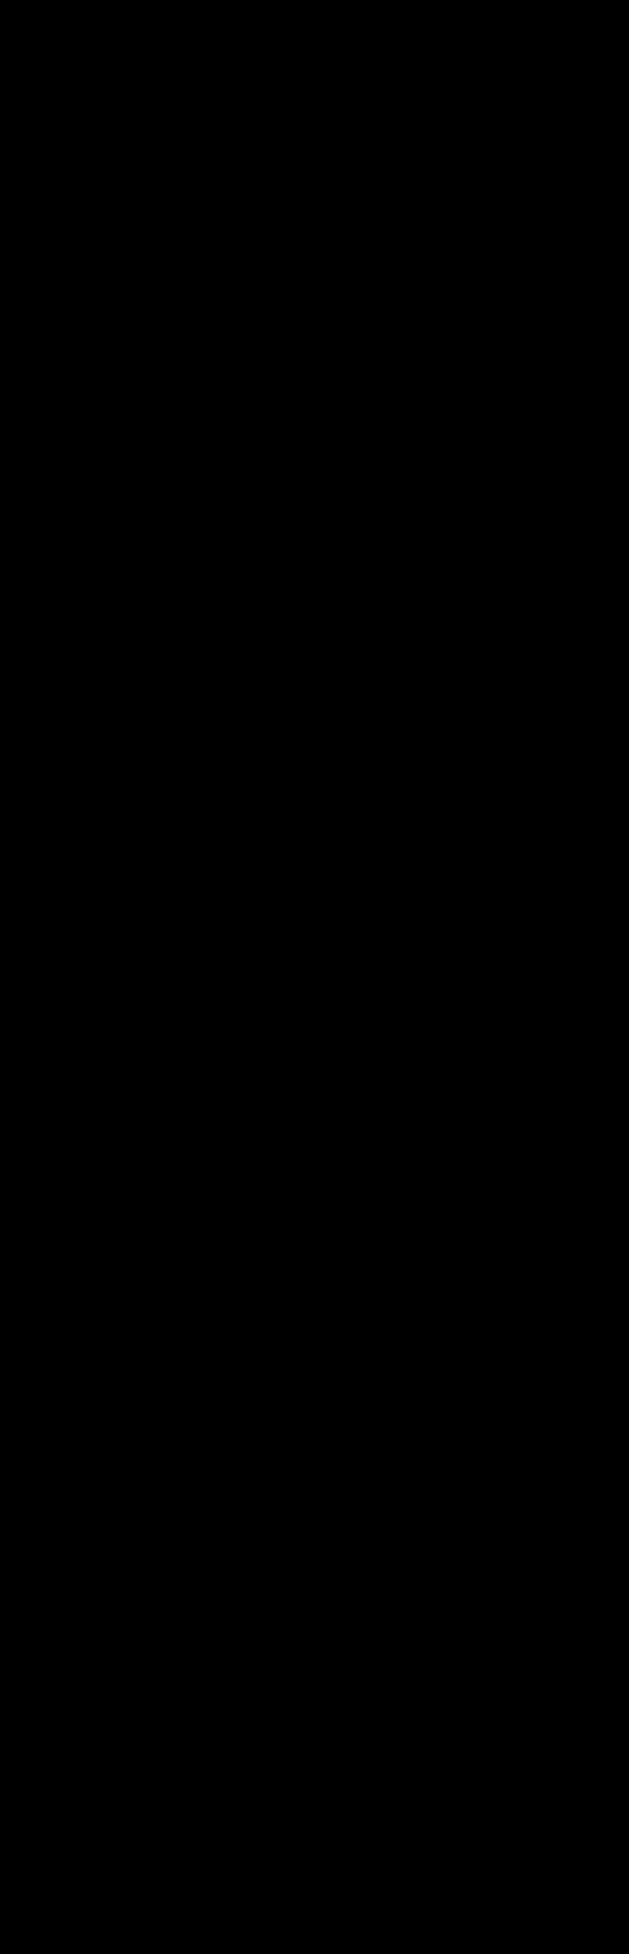 คอร์ดกีต้าร์ คอร์ดกีตาร์ ง่าย เพลง แกะดำ